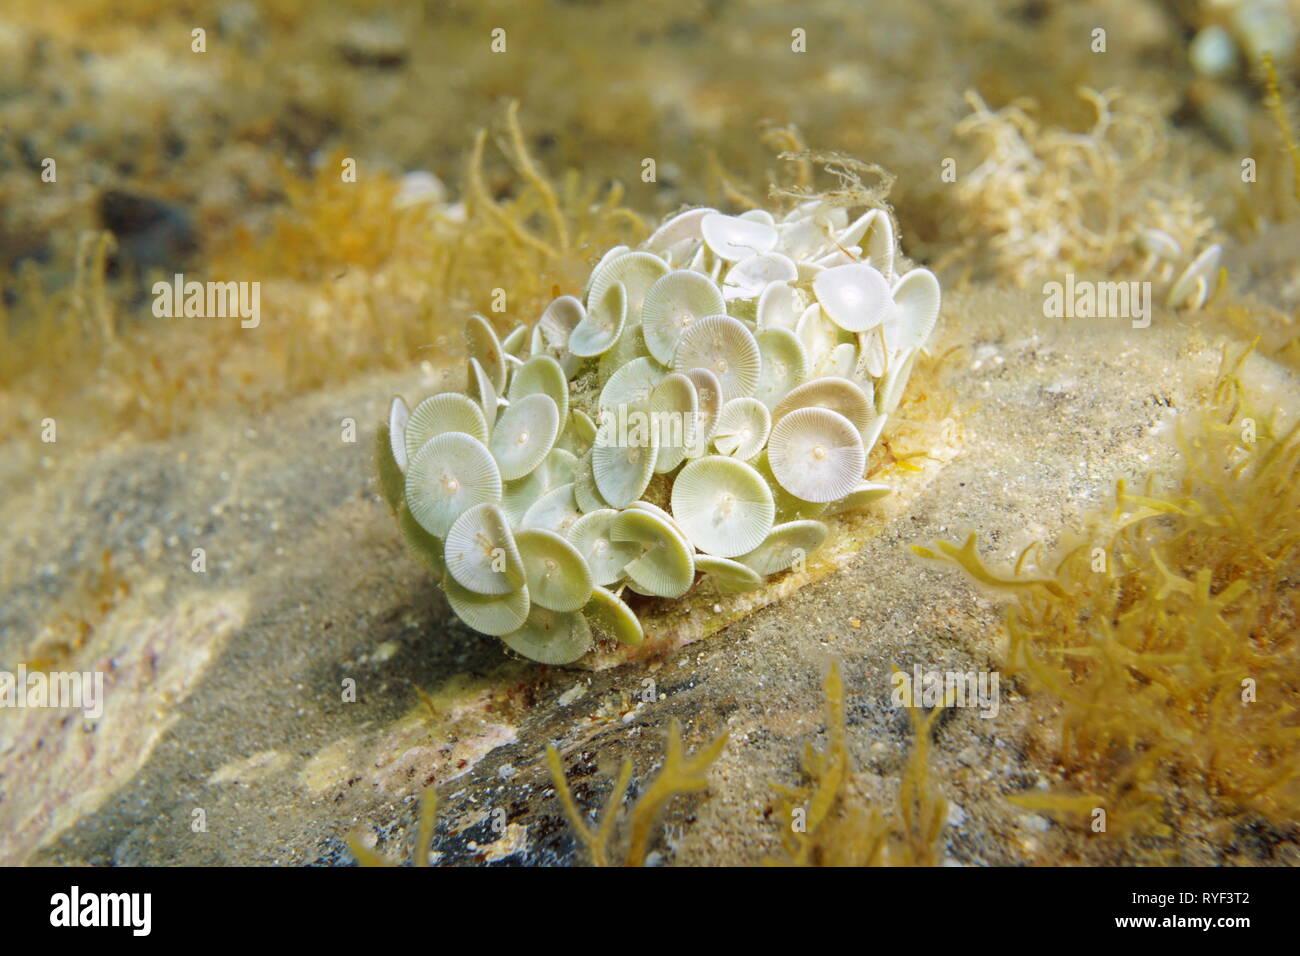 Acetabularia acetabulum algues sous l'eau dans la mer Méditerranée, l'Espagne Photo Stock